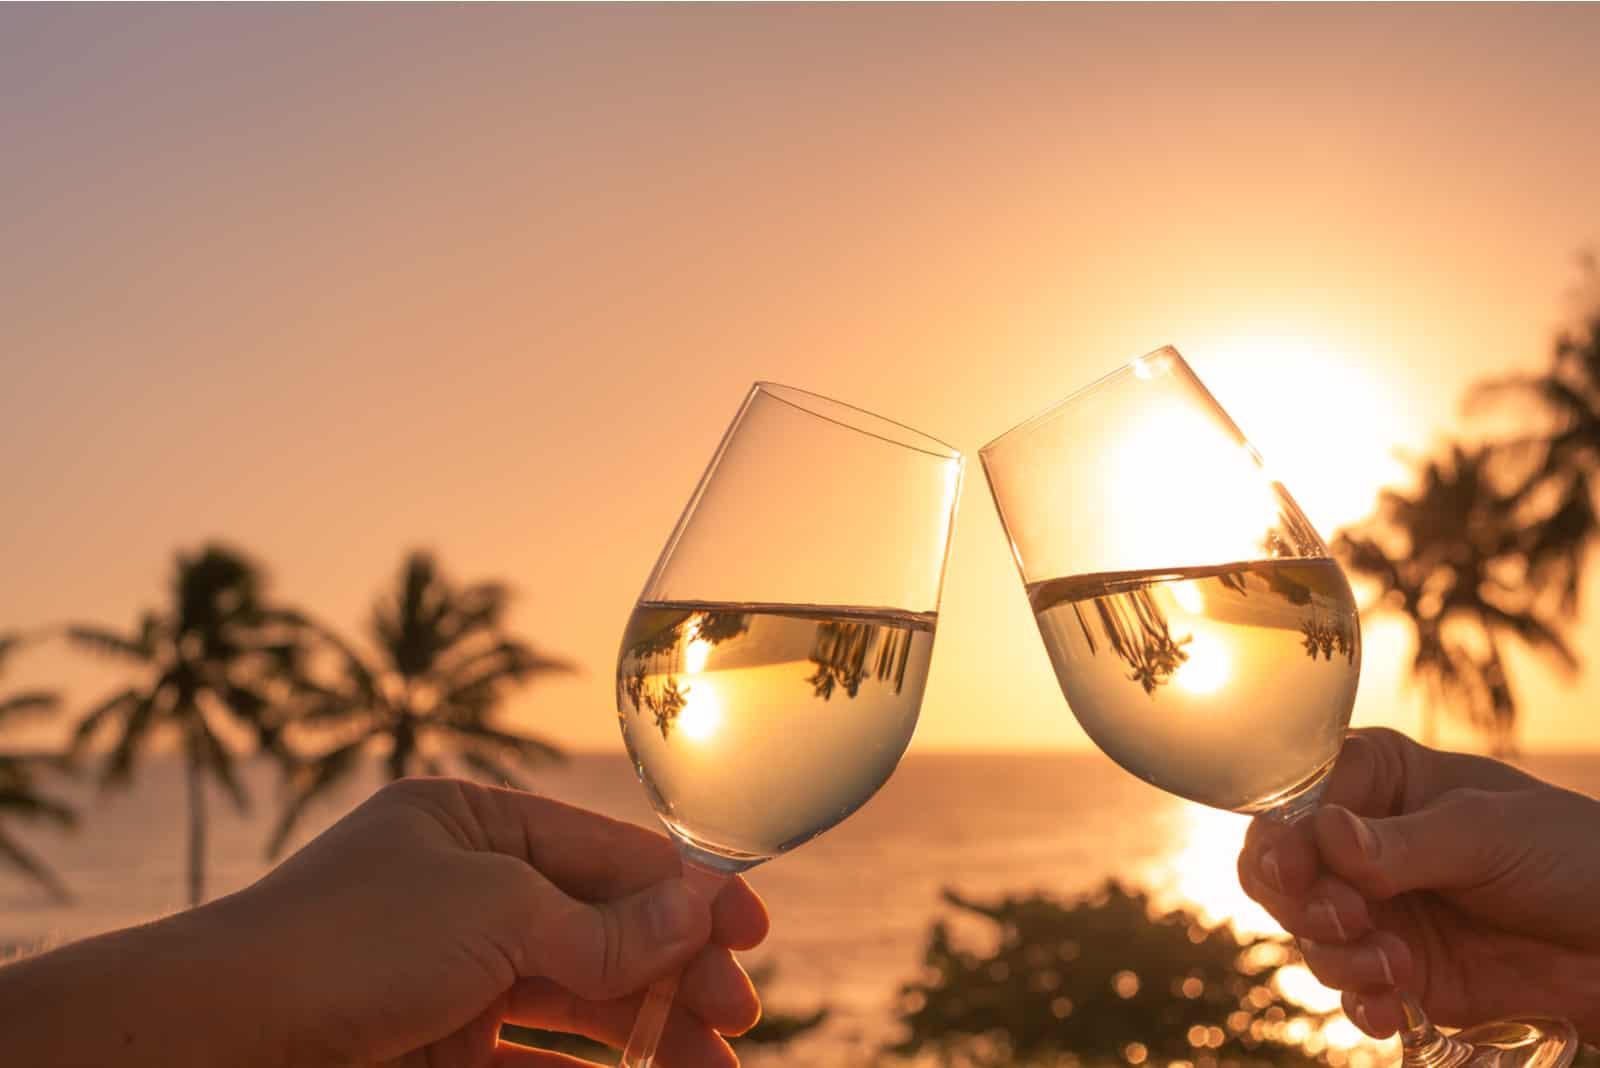 Prost mit Weingläsern bei einem wunderschönen Sonnenuntergang